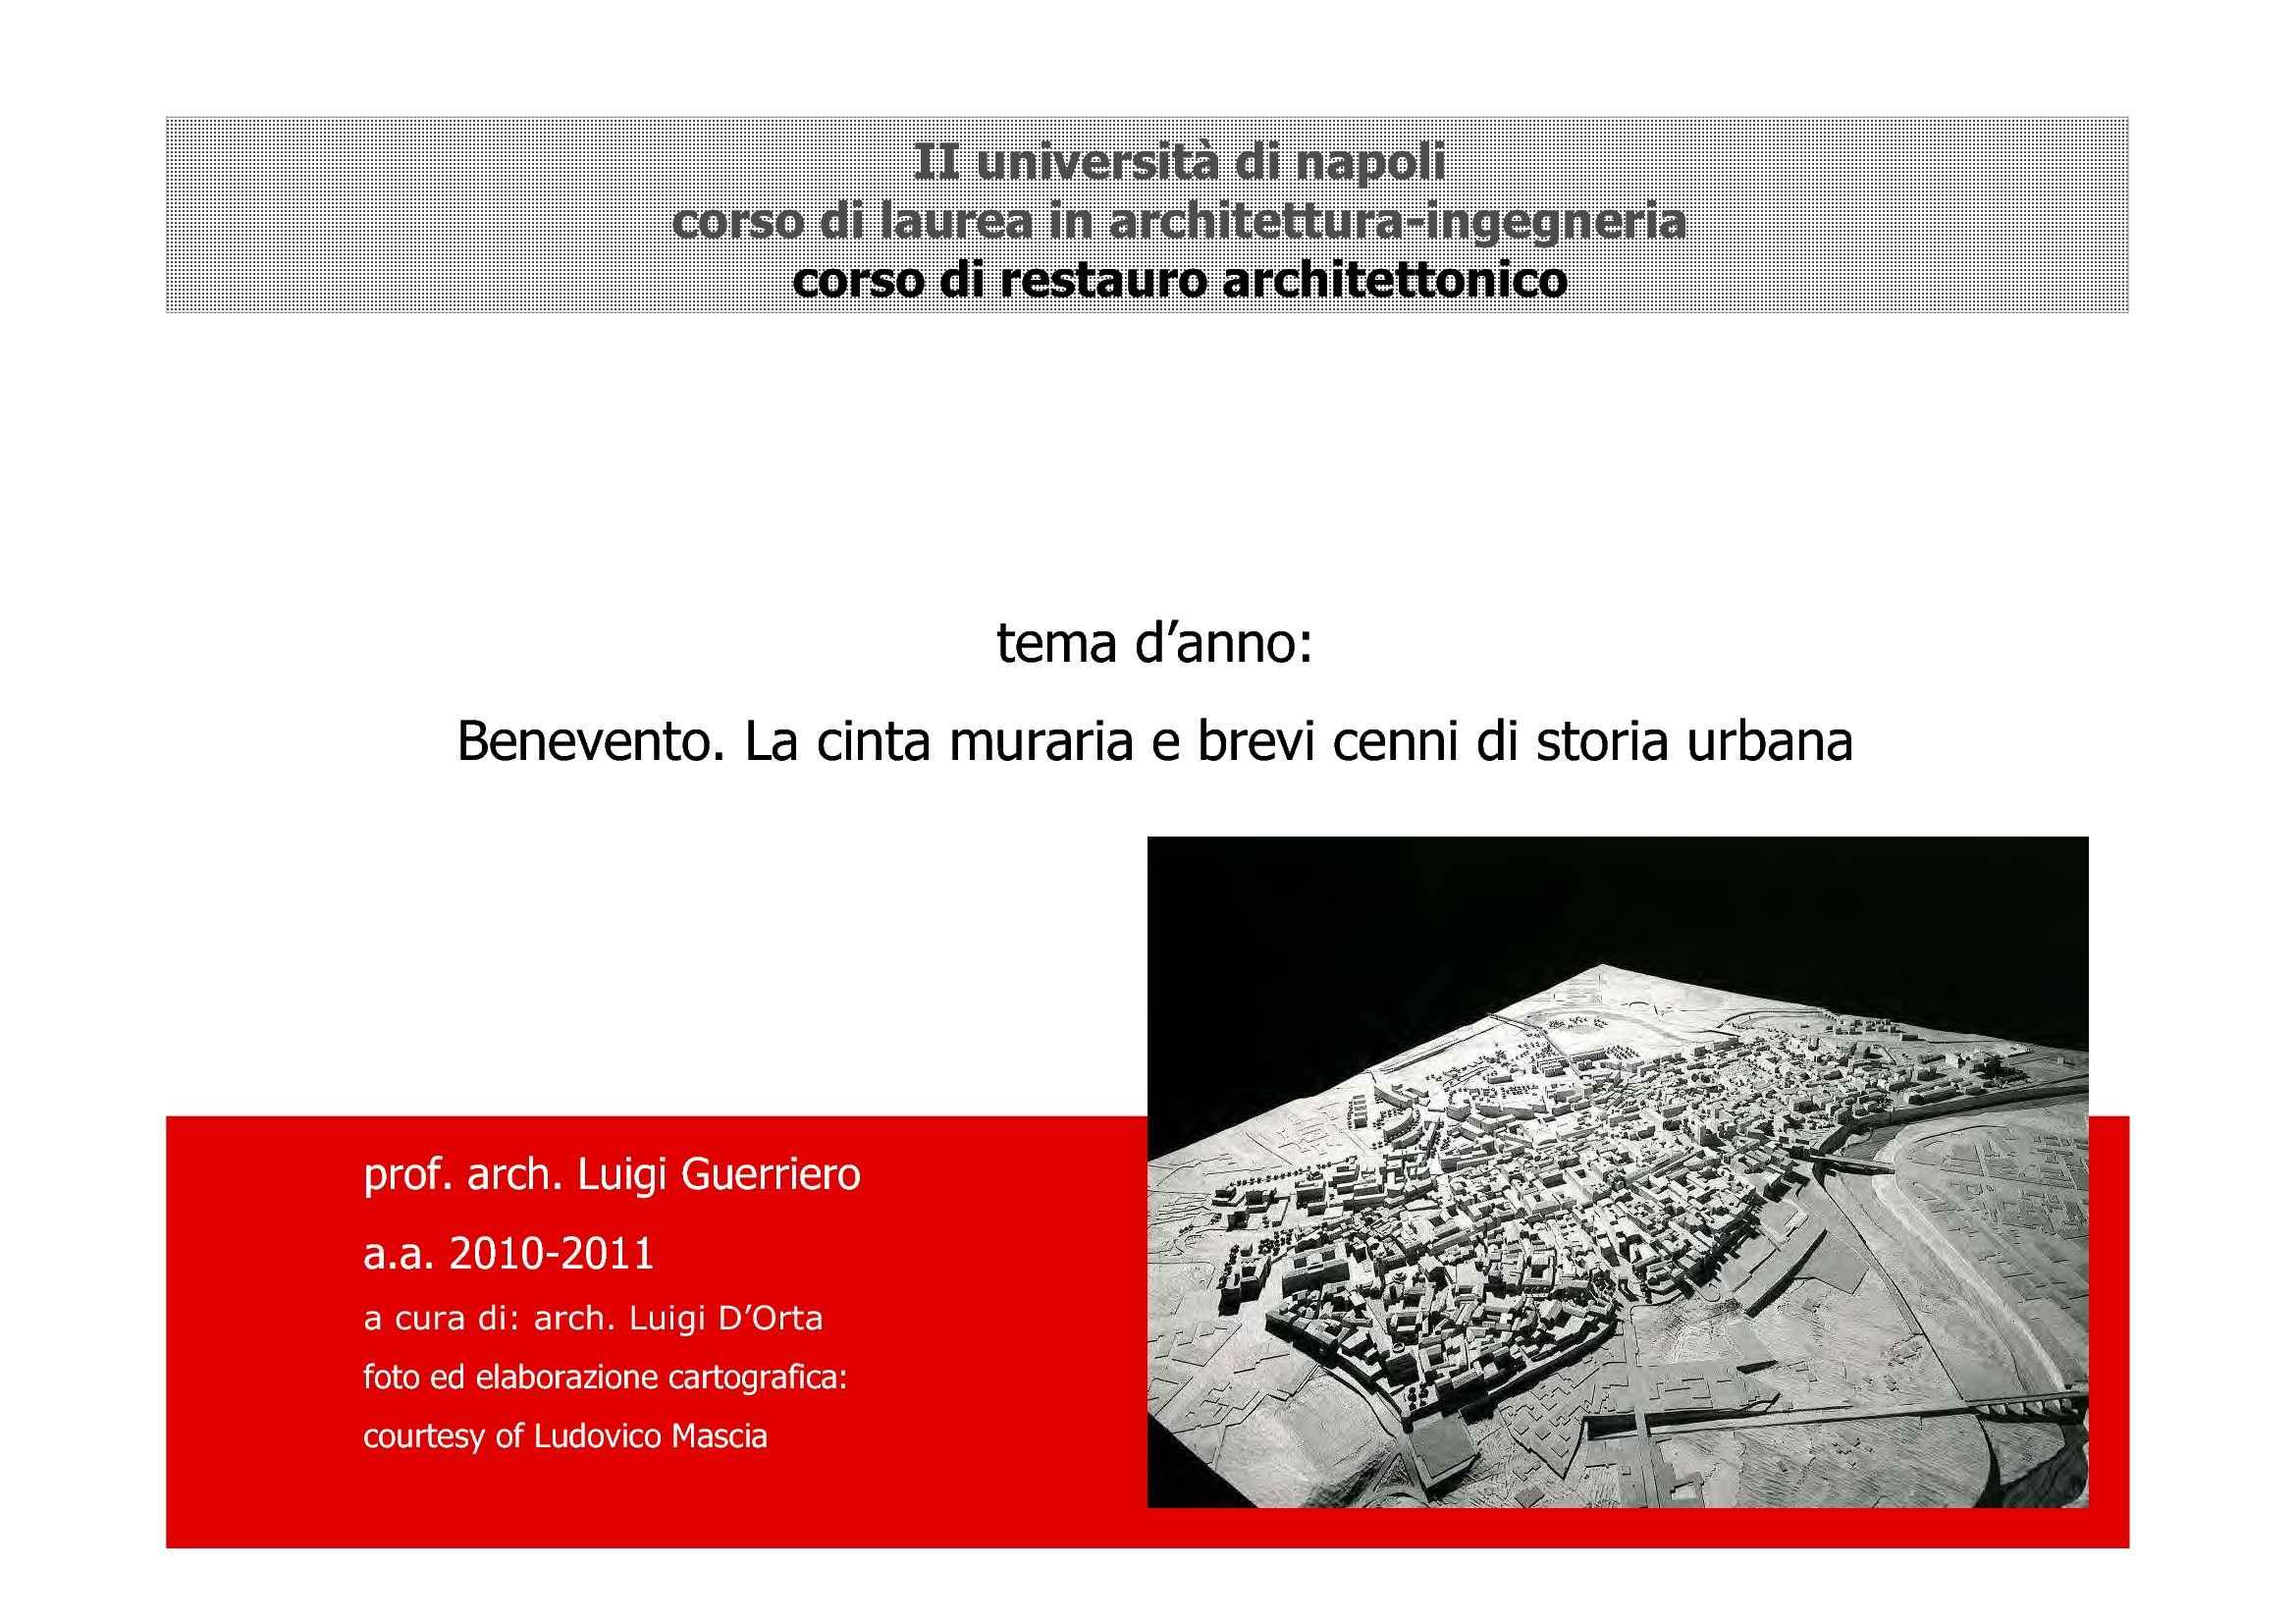 Storia urbana di Benevento